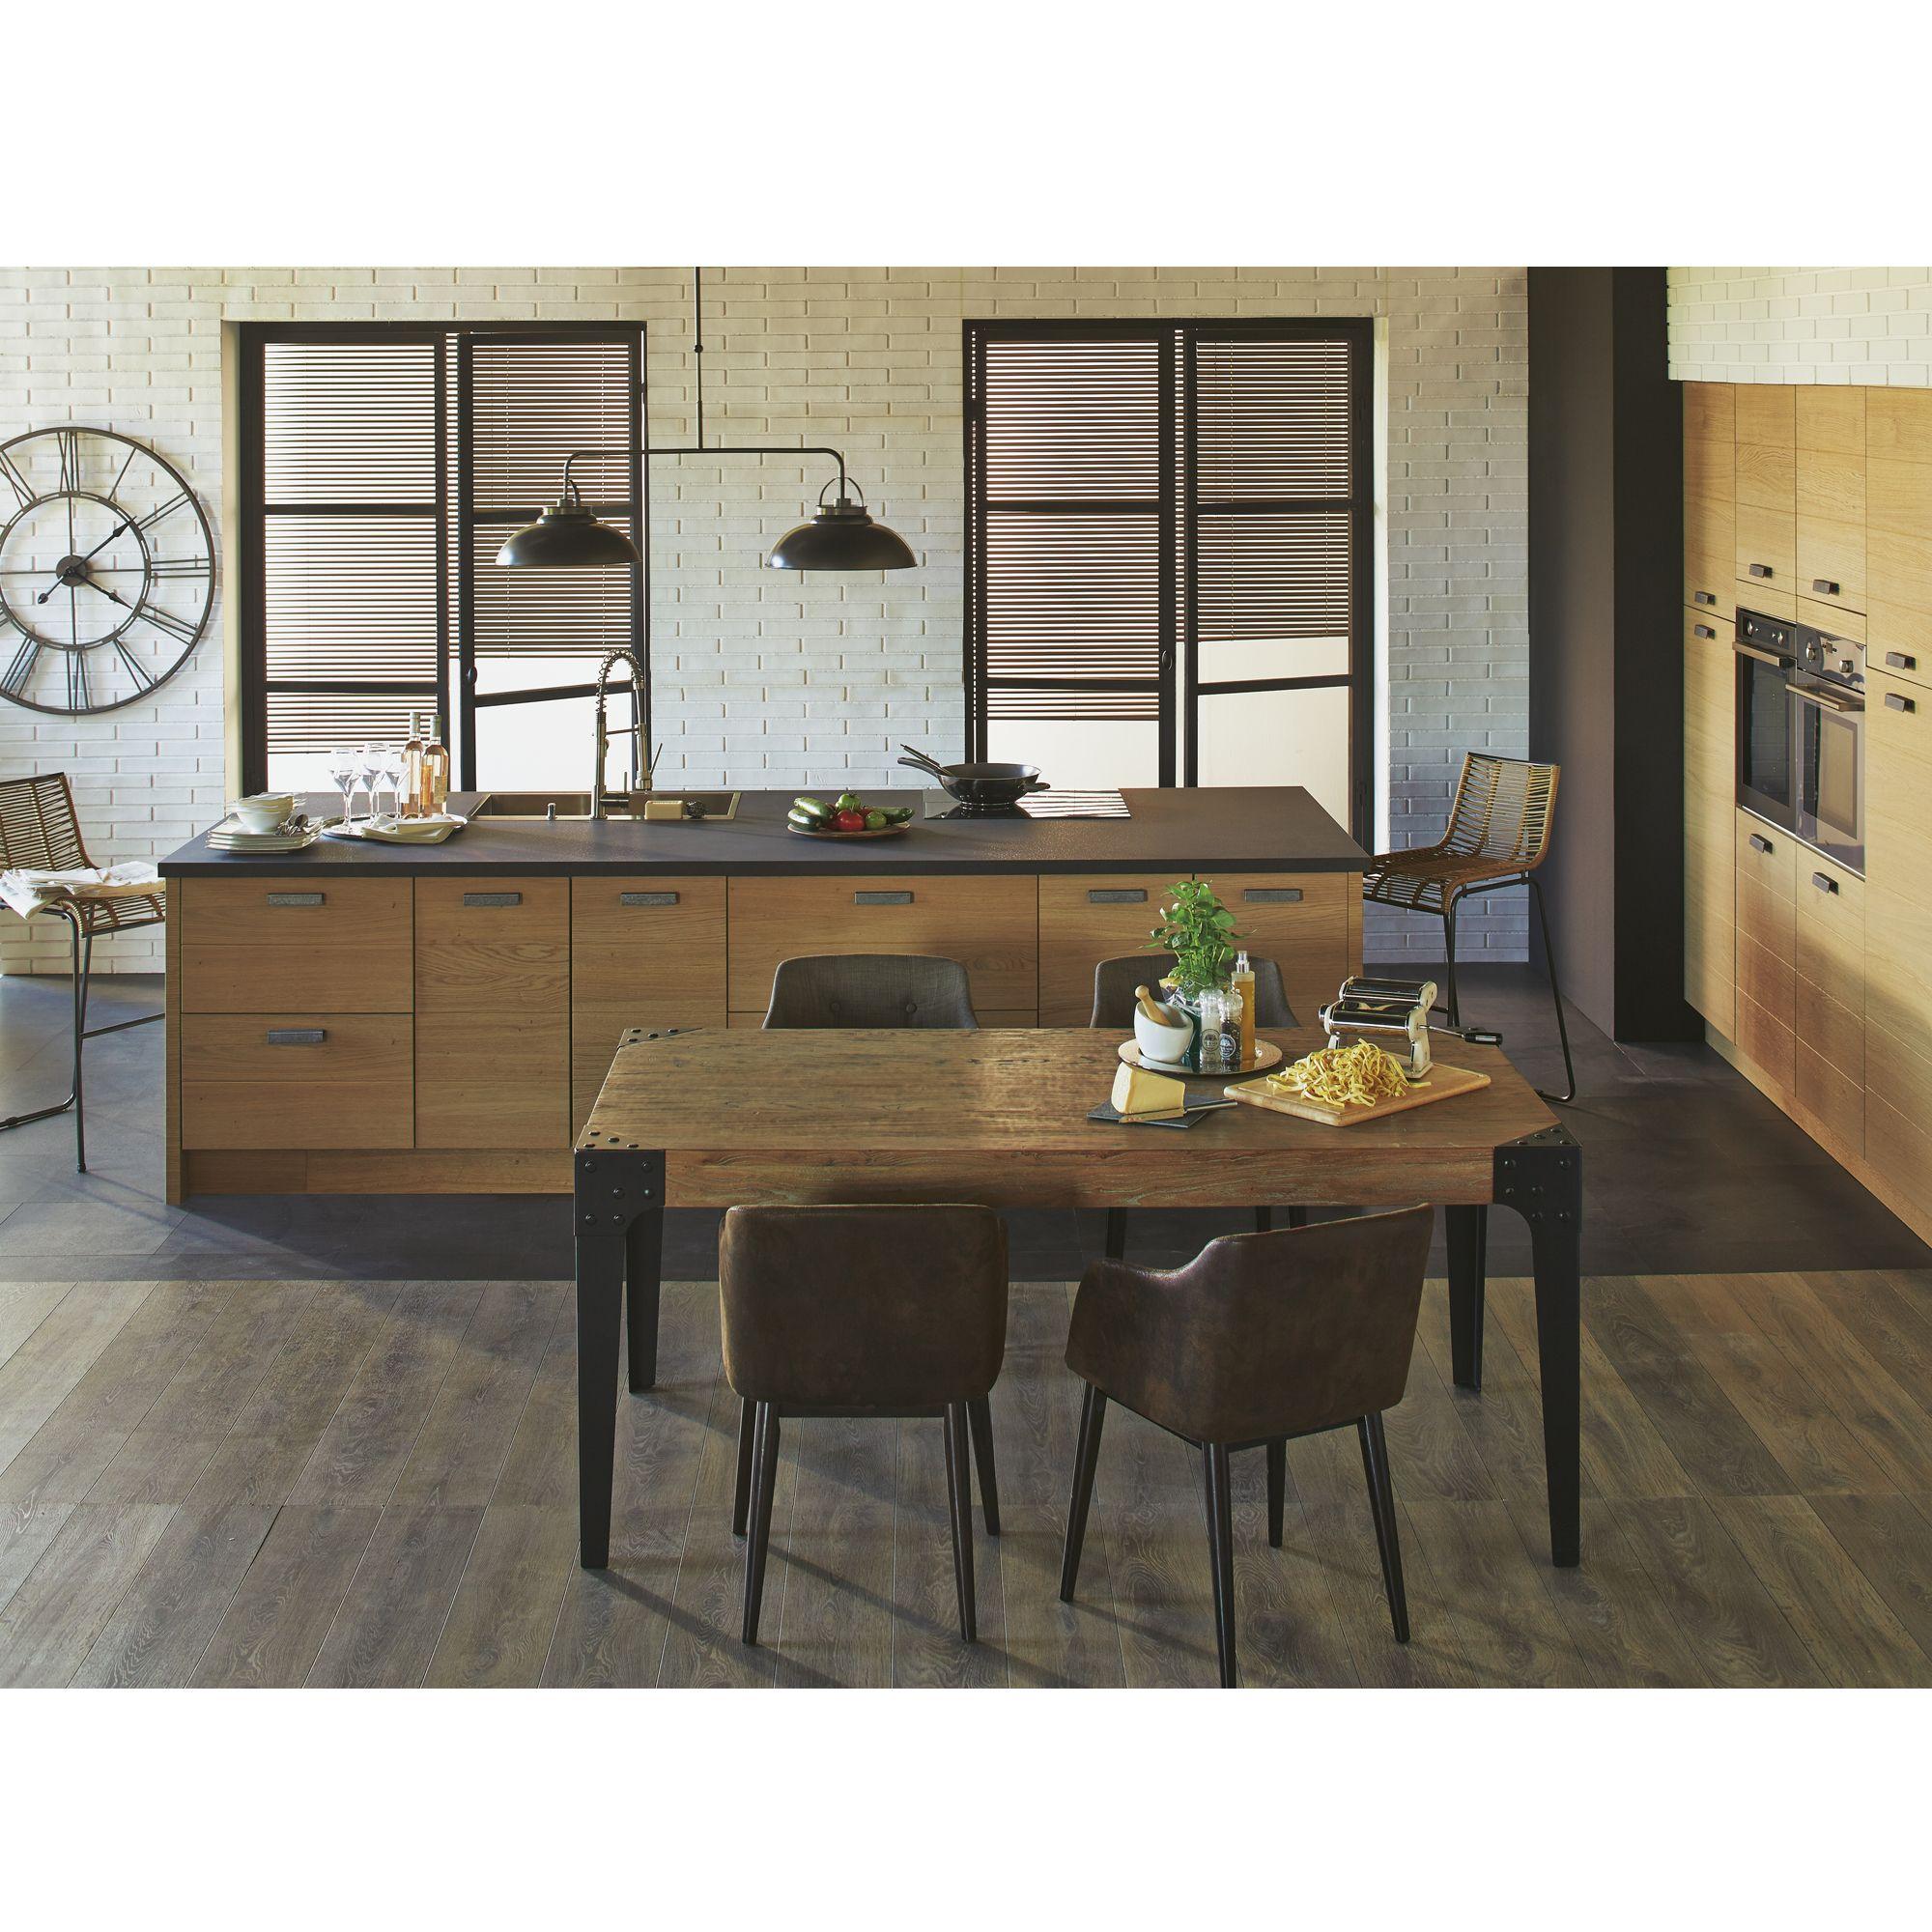 Tout sur la cuisine et le mobilier cuisine - Page 83 sur 190 -